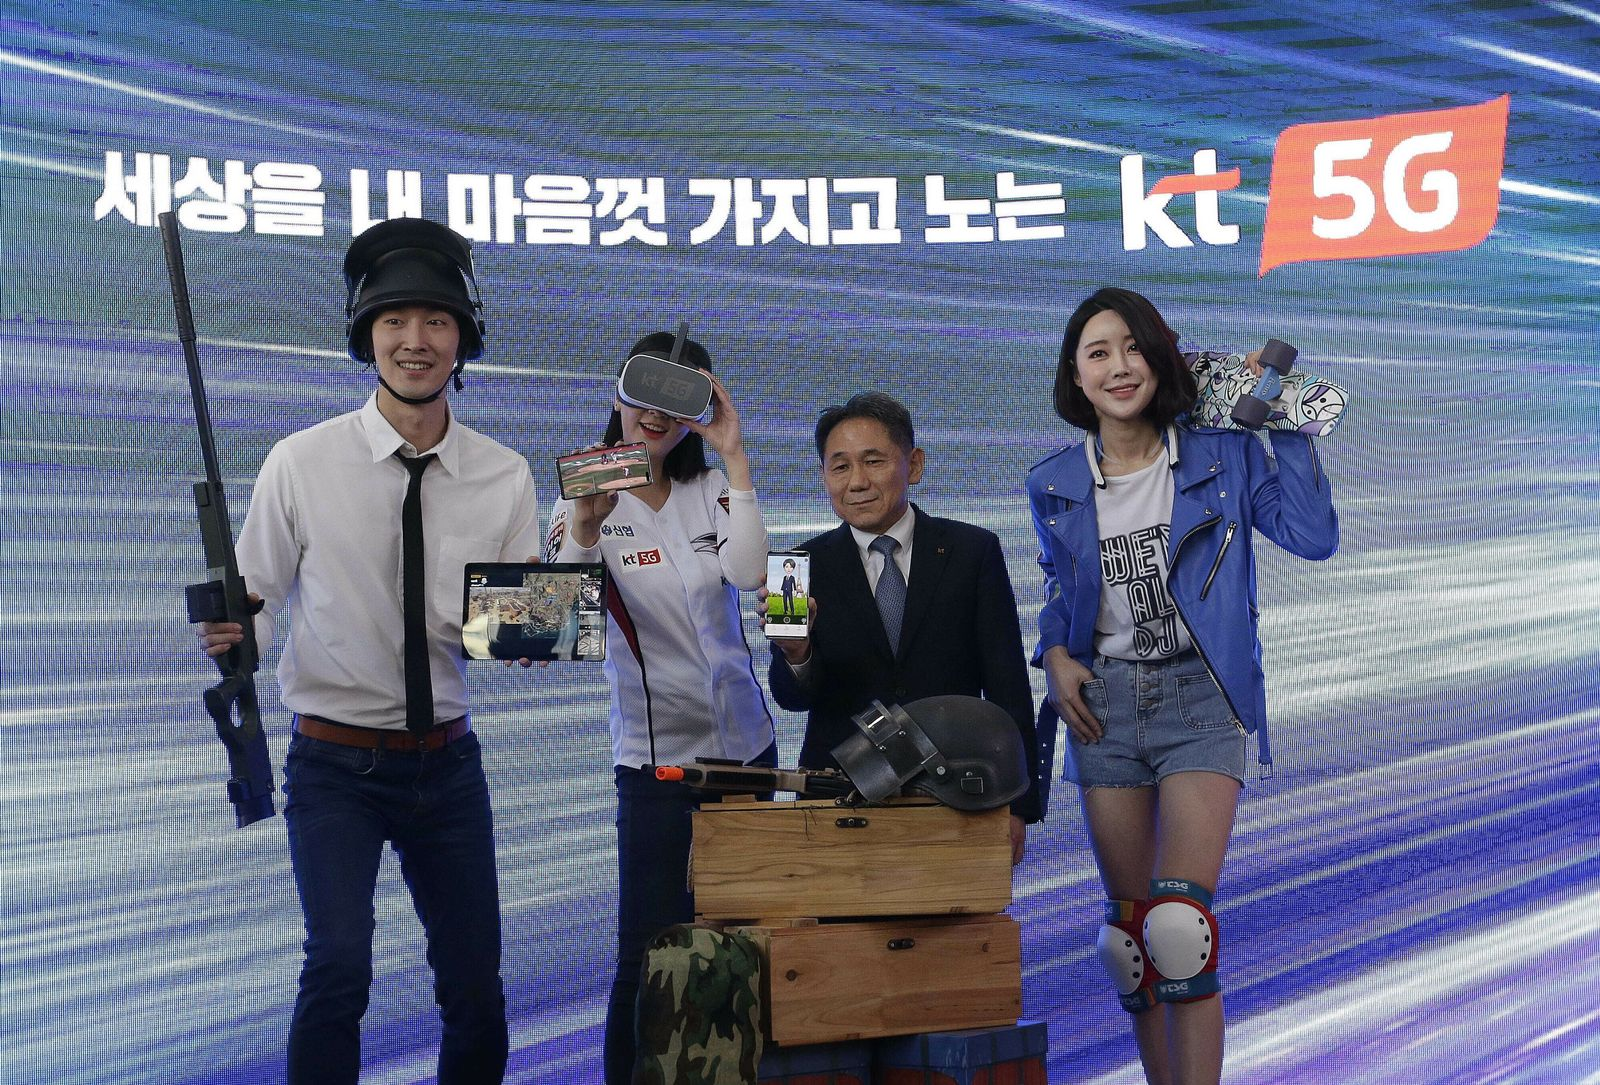 South Korea 5G Networks